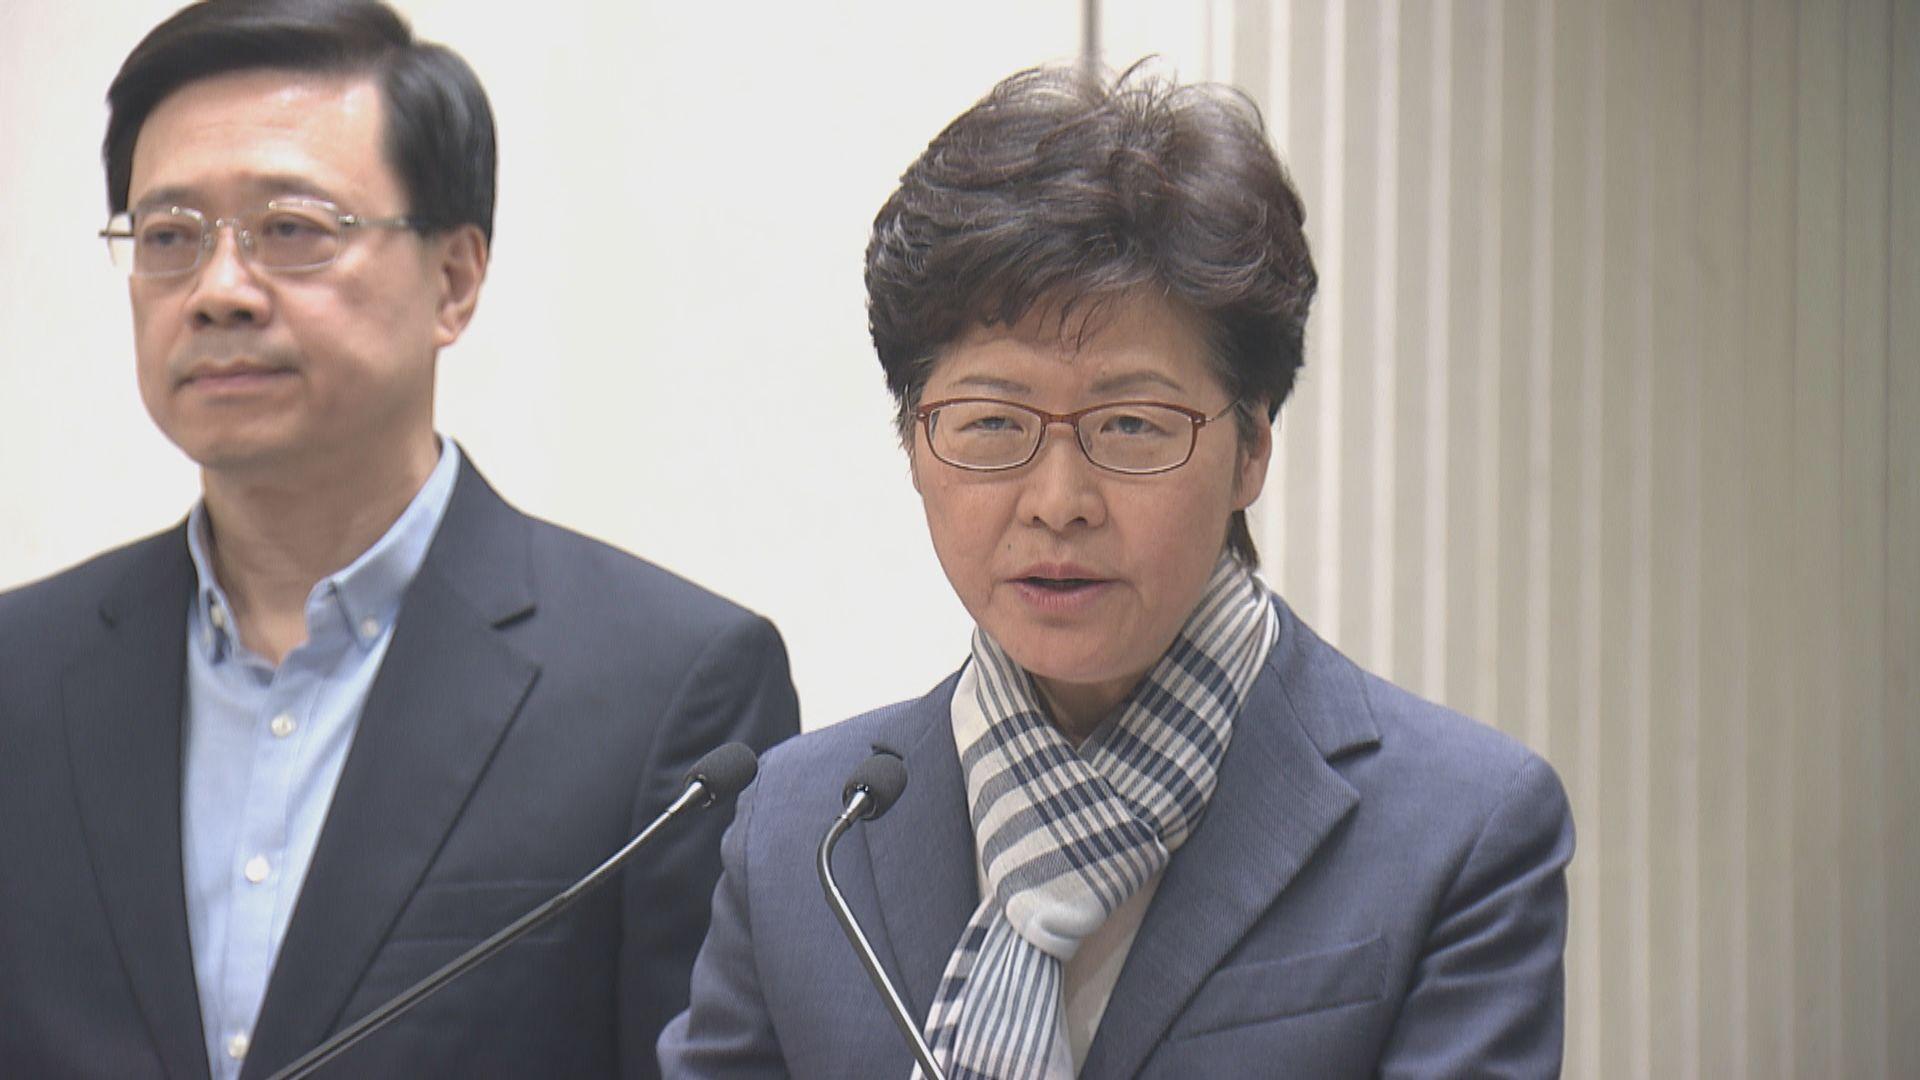 林鄭:不應因個別事件斷定警隊失控